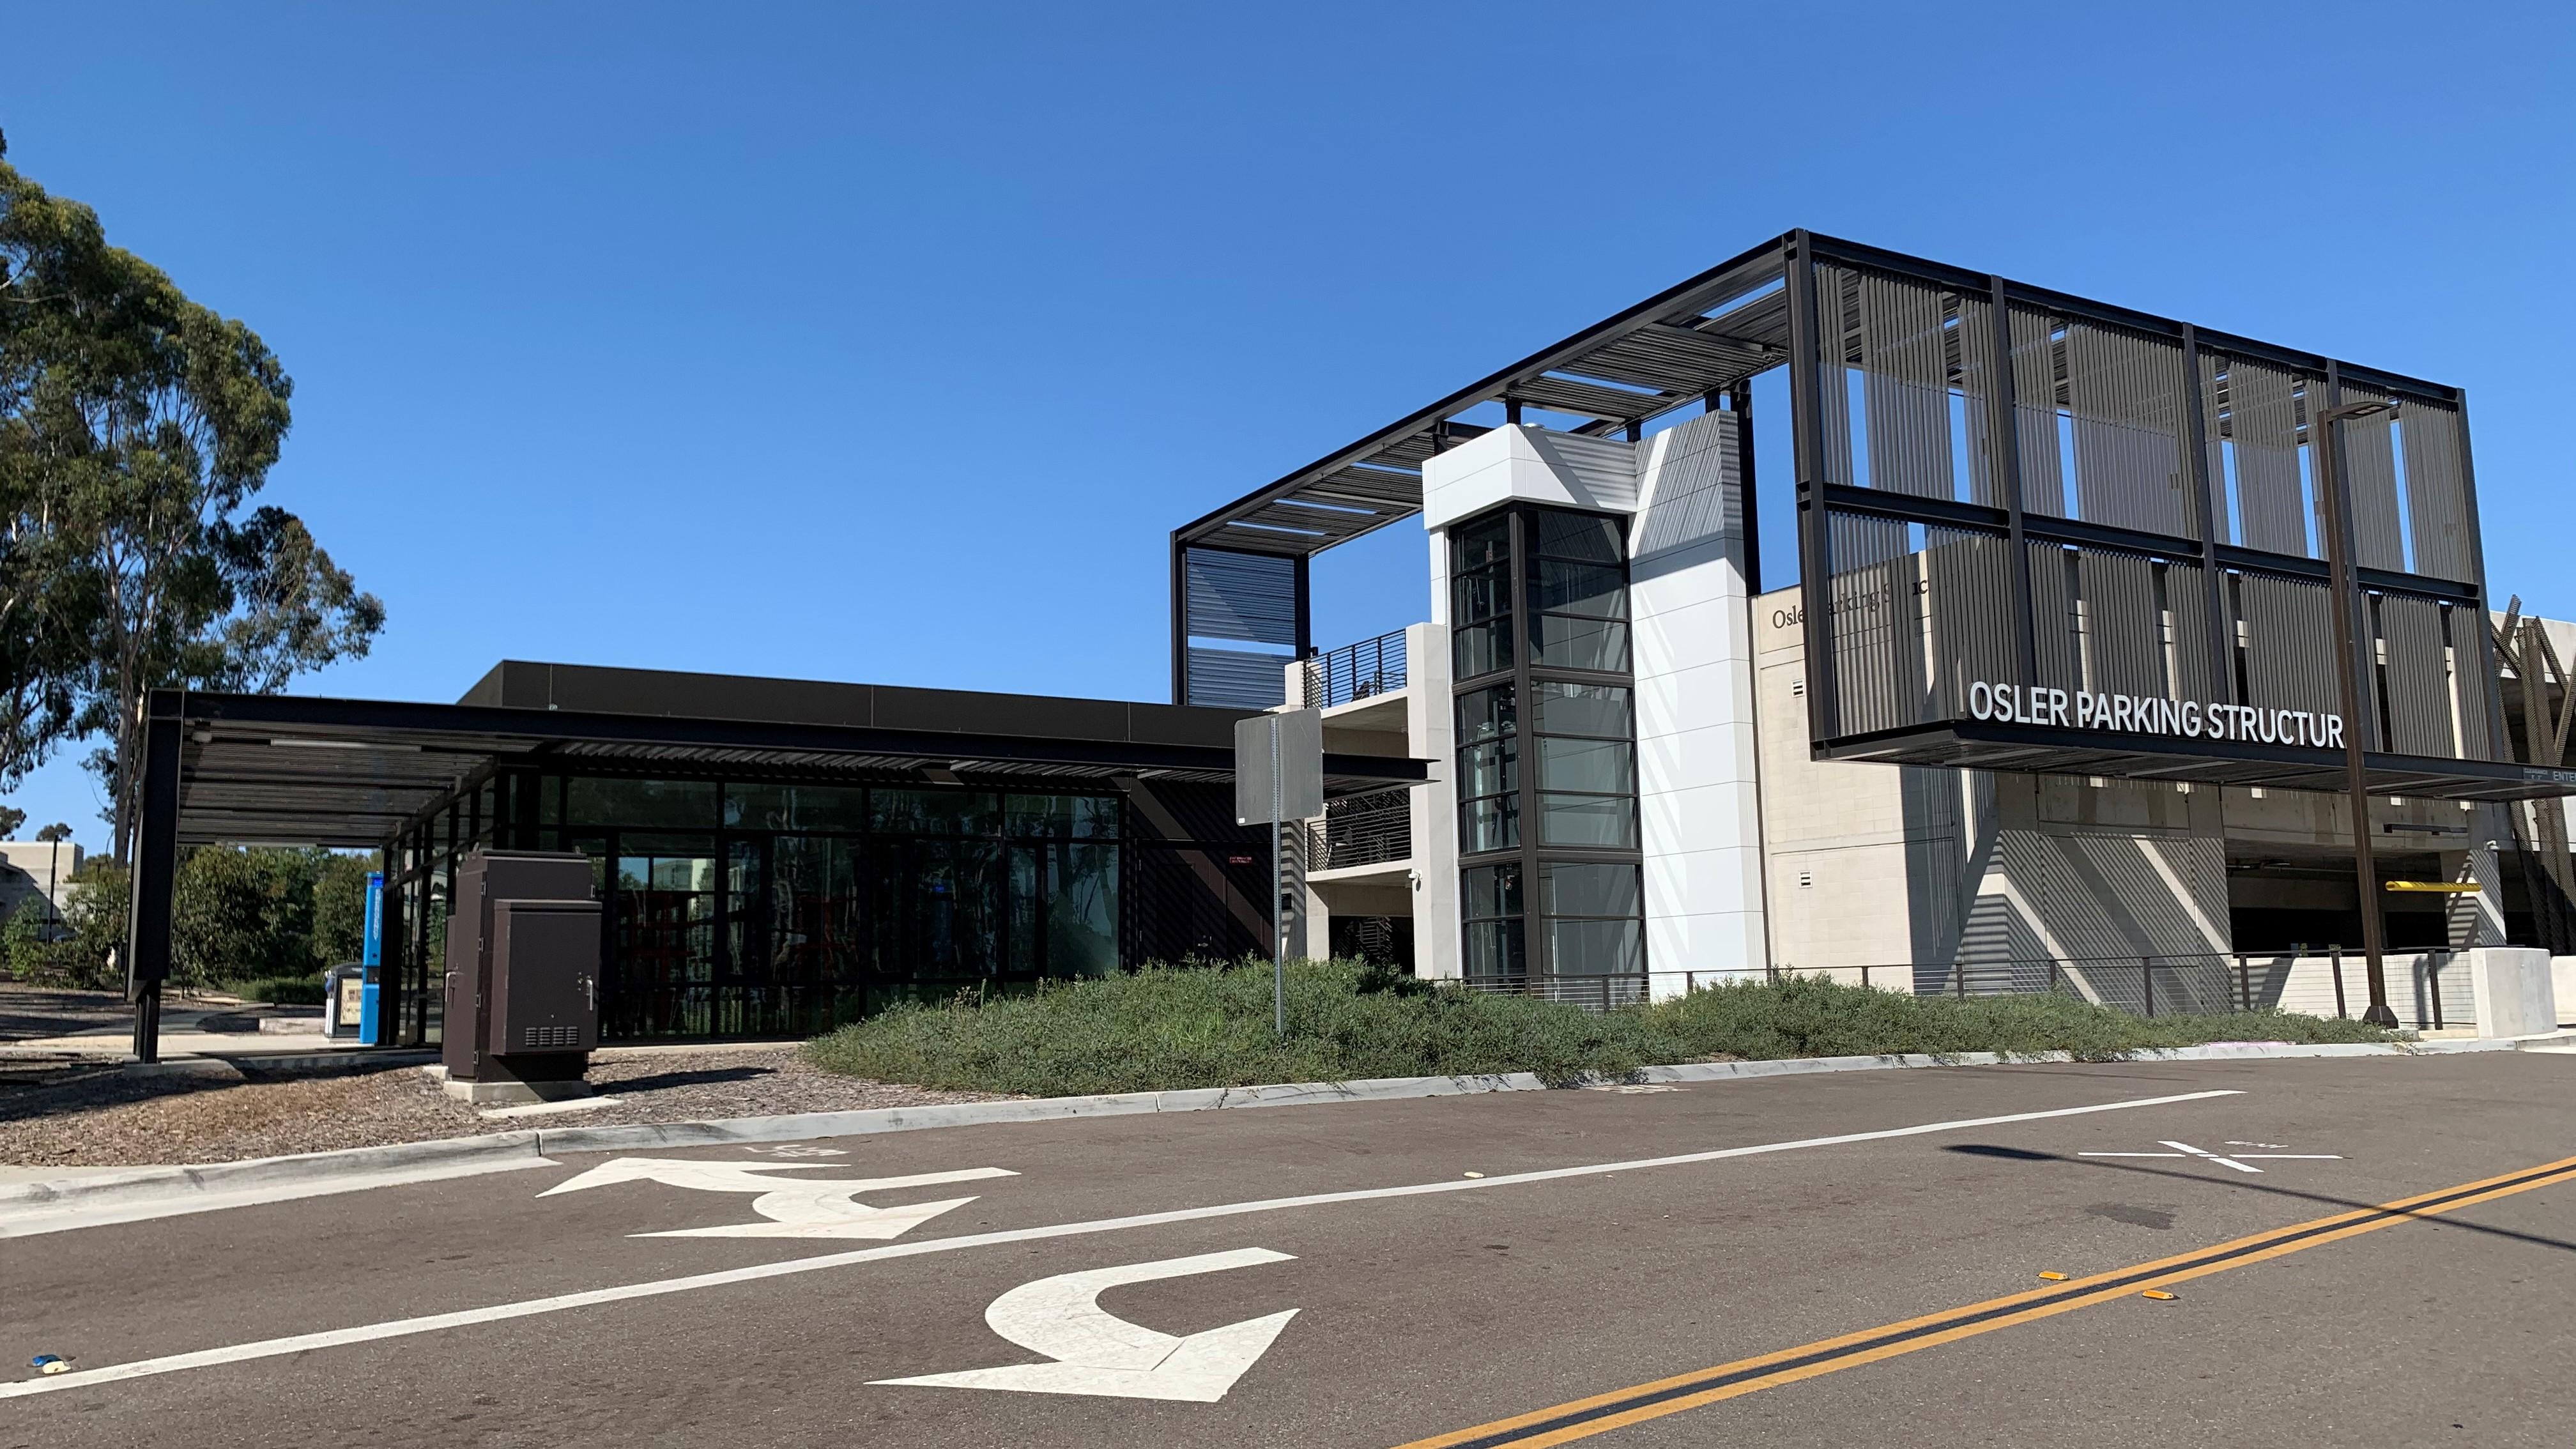 Osler Visitor Information Center